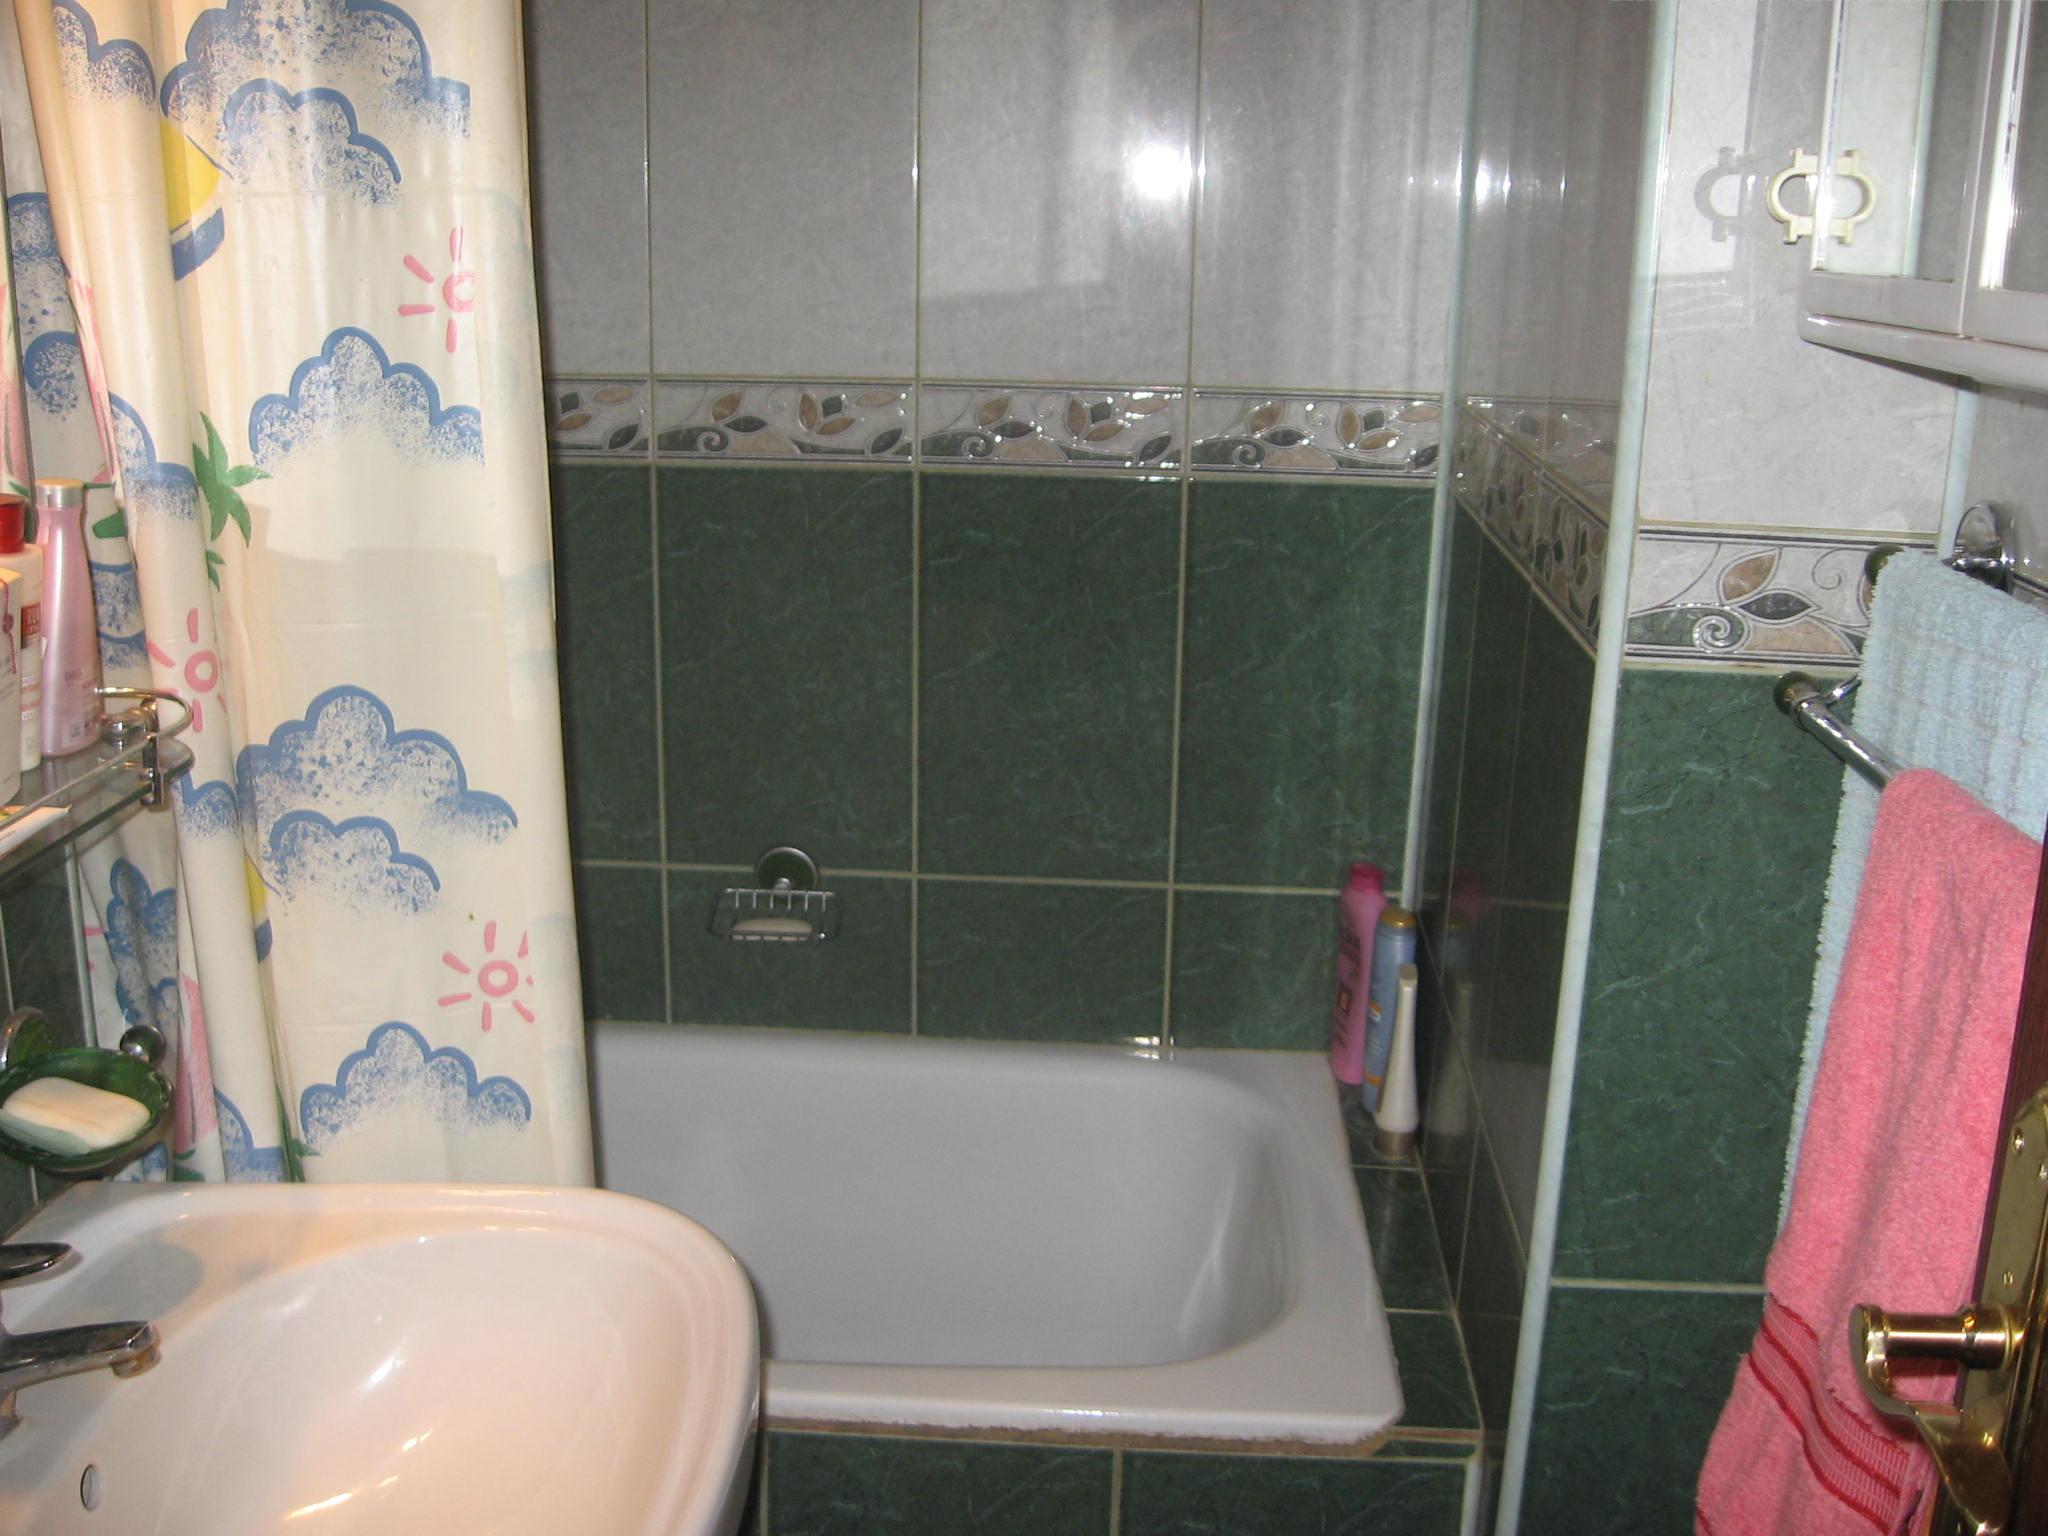 Vand apartament 4patru camere in ploiesti